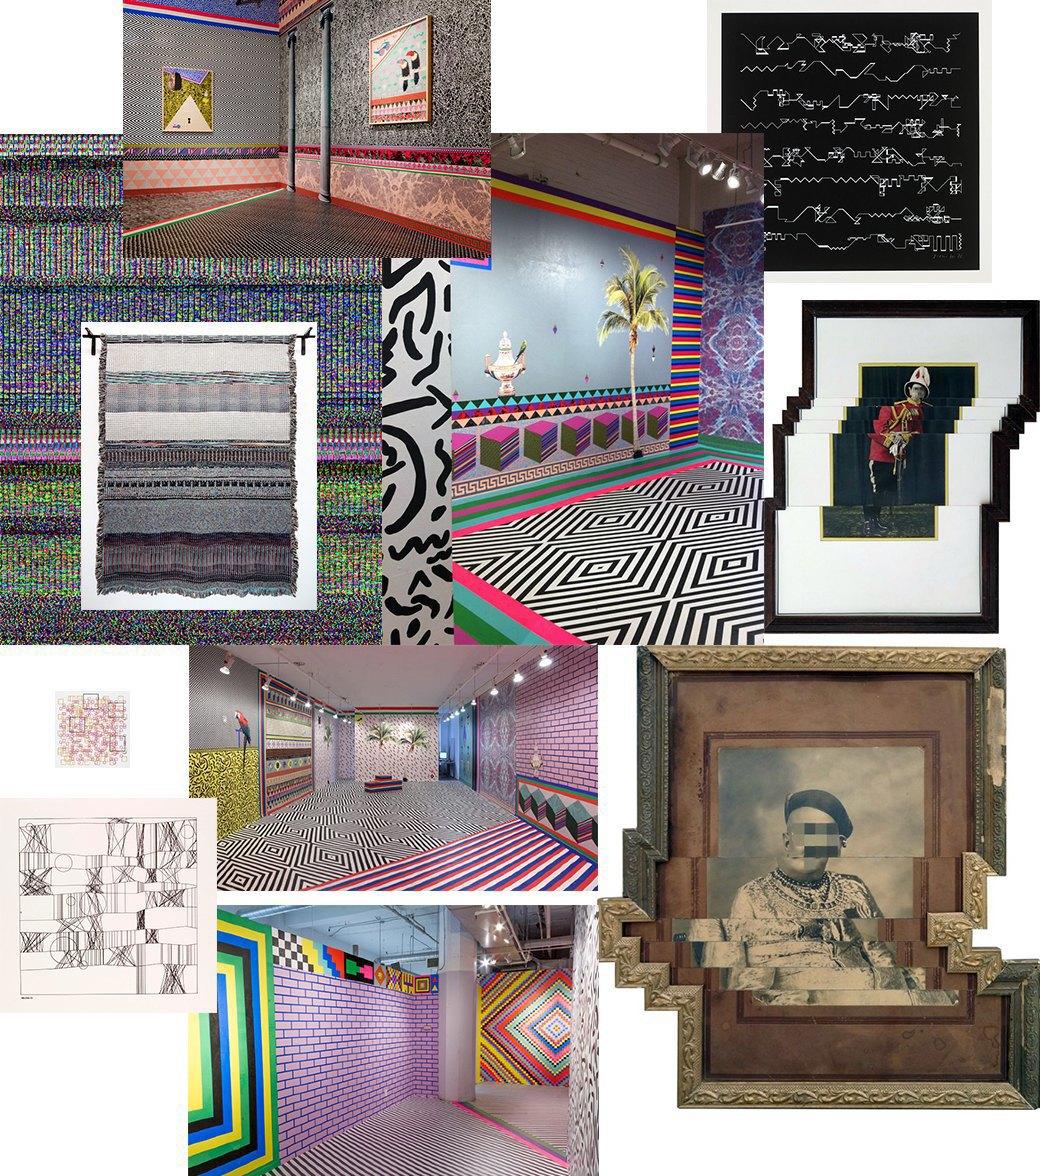 New media art: Гид по искусству будущего. Изображение № 1.